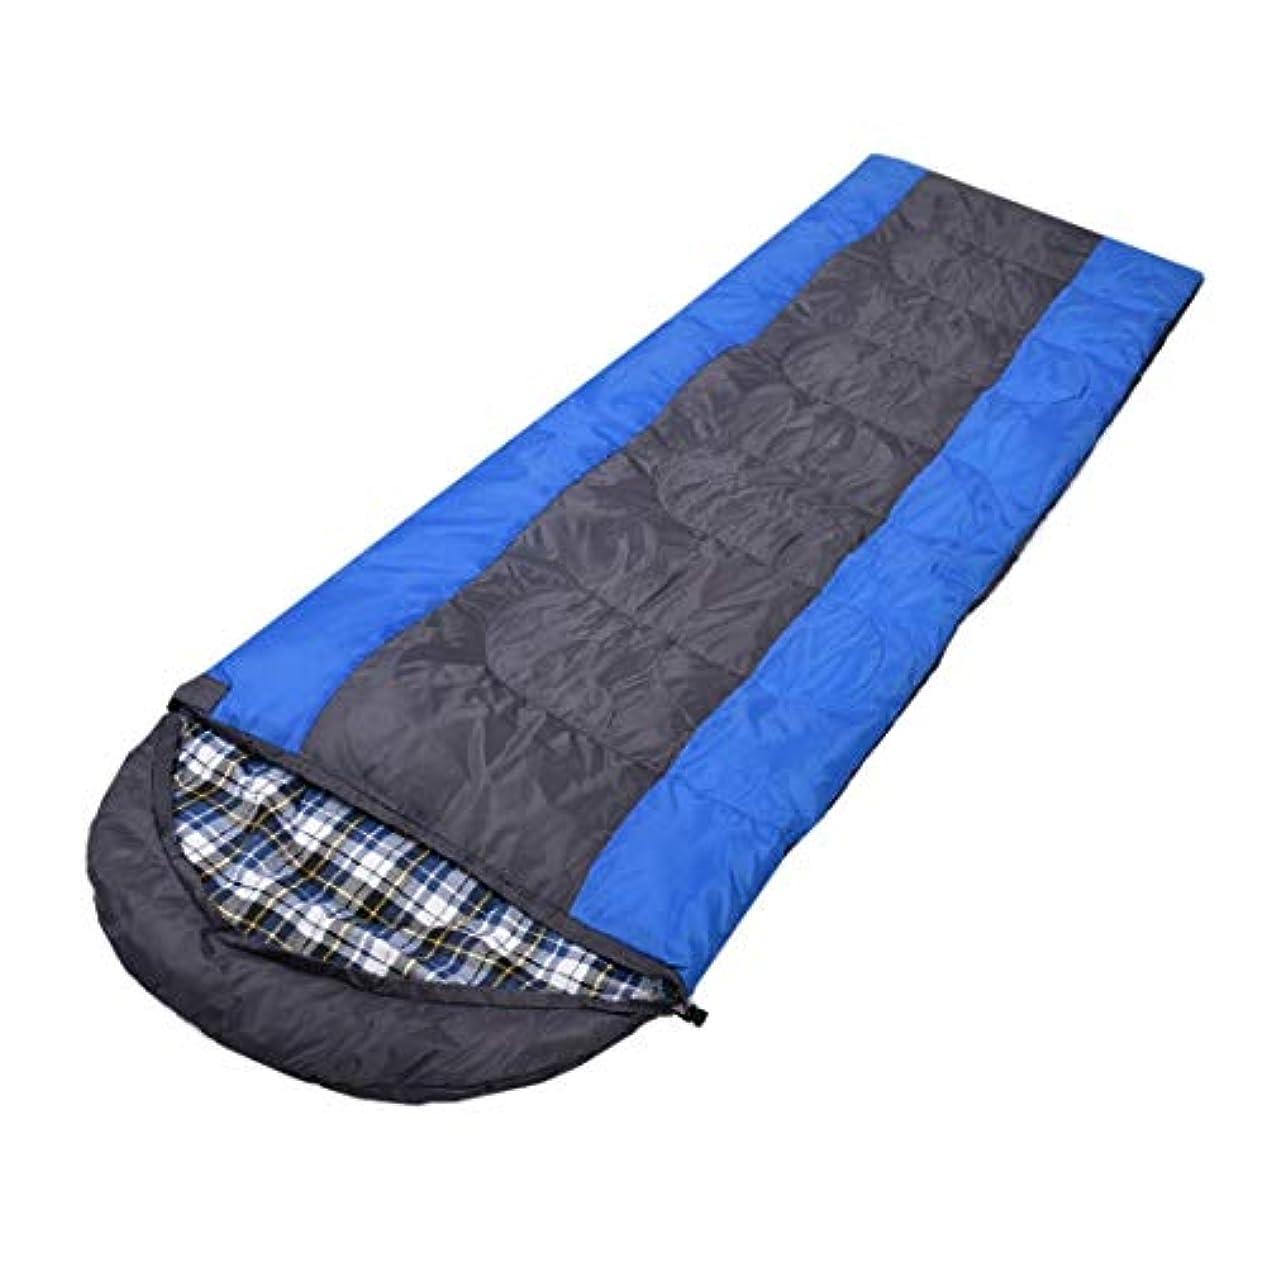 郵便局初心者締め切りKainuoo キャンプランチ休憩肥厚大人の暖かい超軽量キャンプ寝袋フランネル寝袋屋外